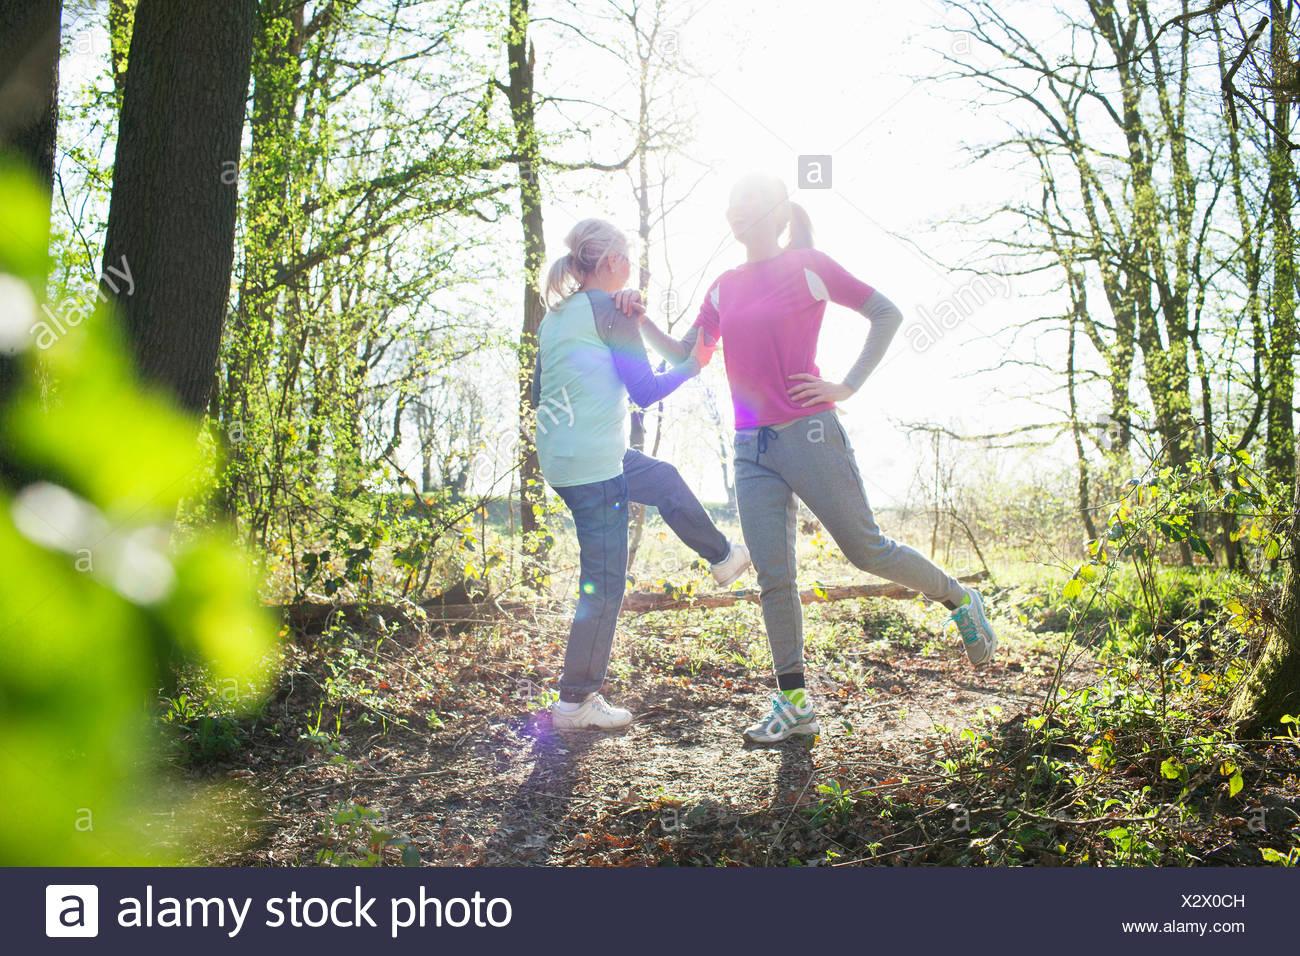 La mujer en el bosque cara a cara estiramiento piernas levantadas Imagen De Stock